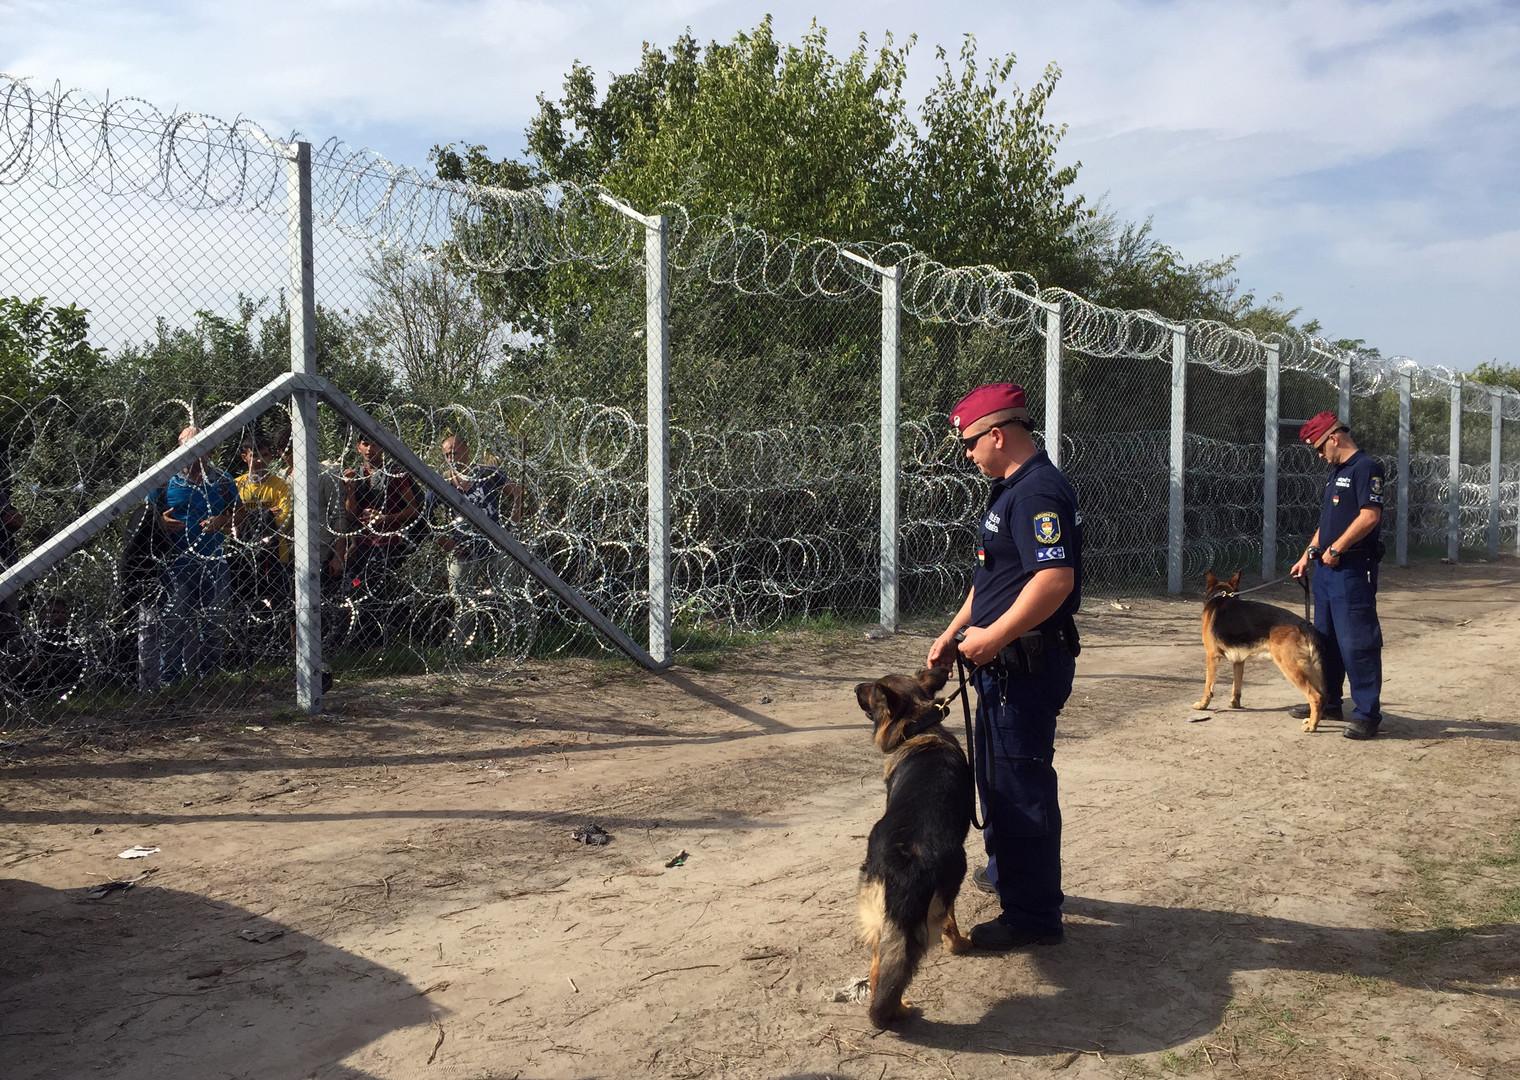 Mitarbeiter der ungarischen Polizei patrouillieren mit Wachhunden entlang einem Zaun an der Grenze zu Serbien